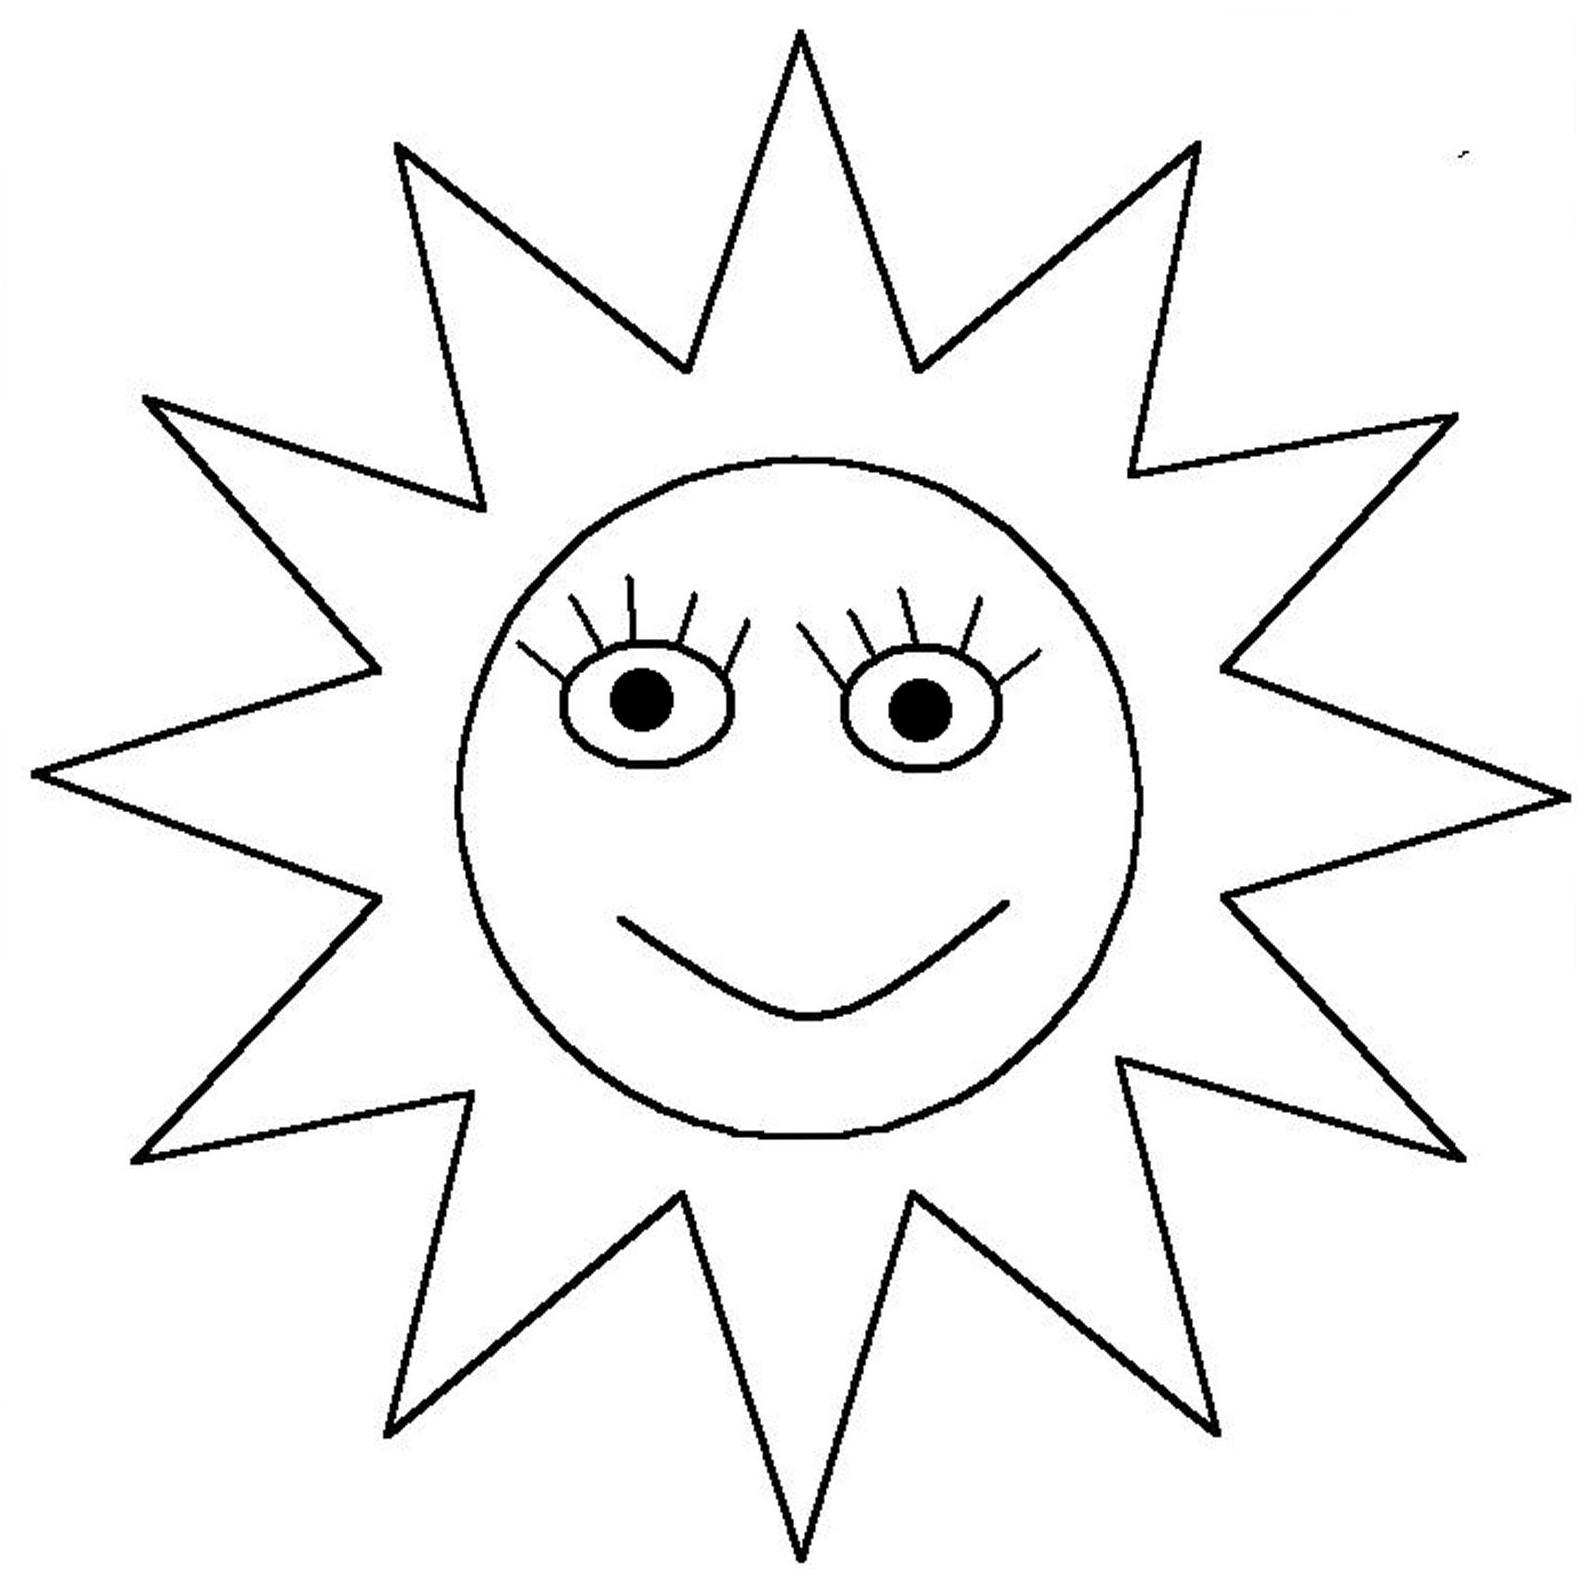 Beau Image à Colorier De soleil